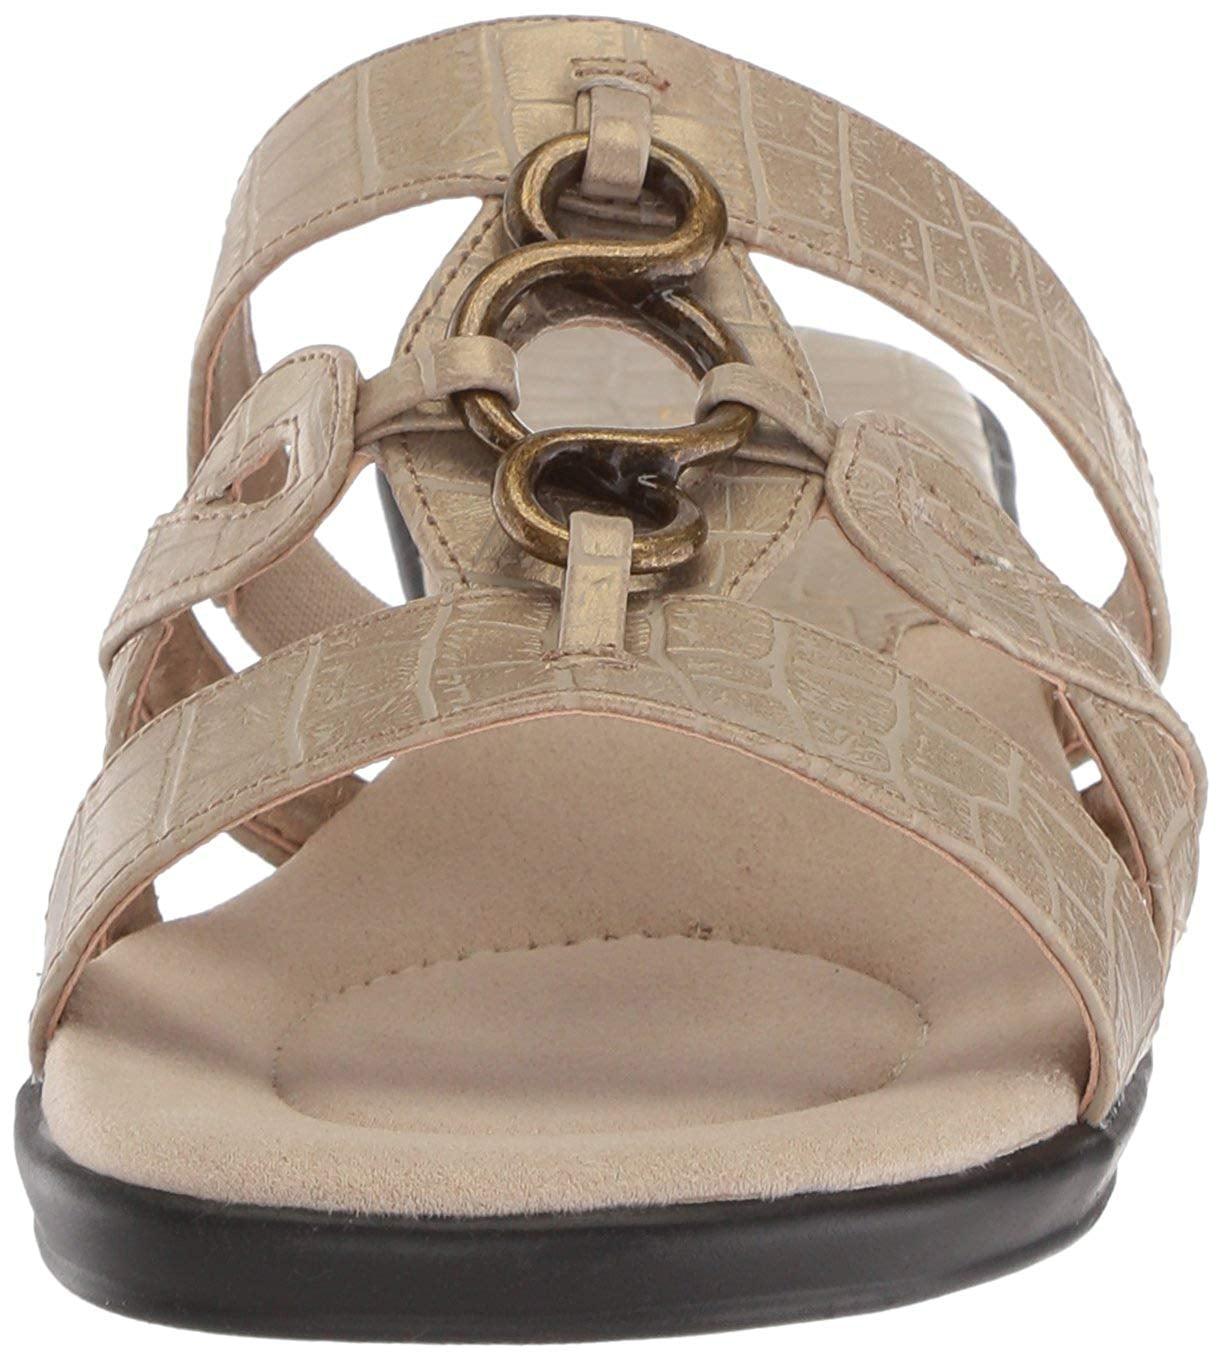 3f25c9e65da Easy Street Women s Torrid Flat Sandal